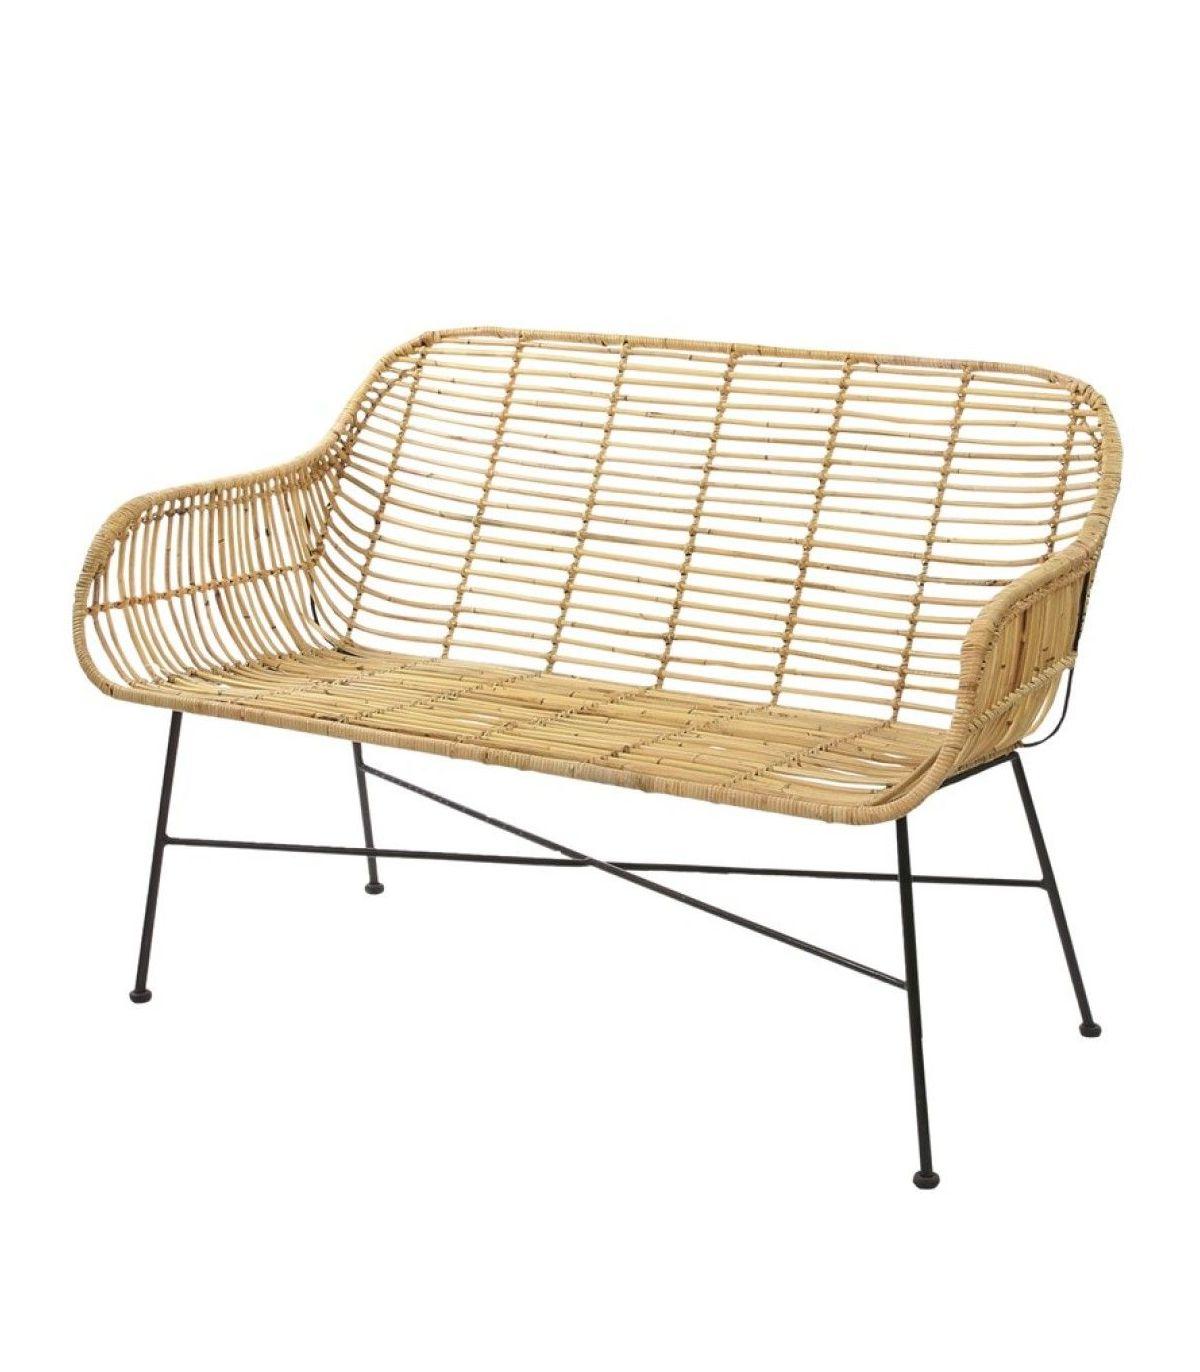 Sofa Mimbre Whdr sofa Mimbre 118x63x83 Cm